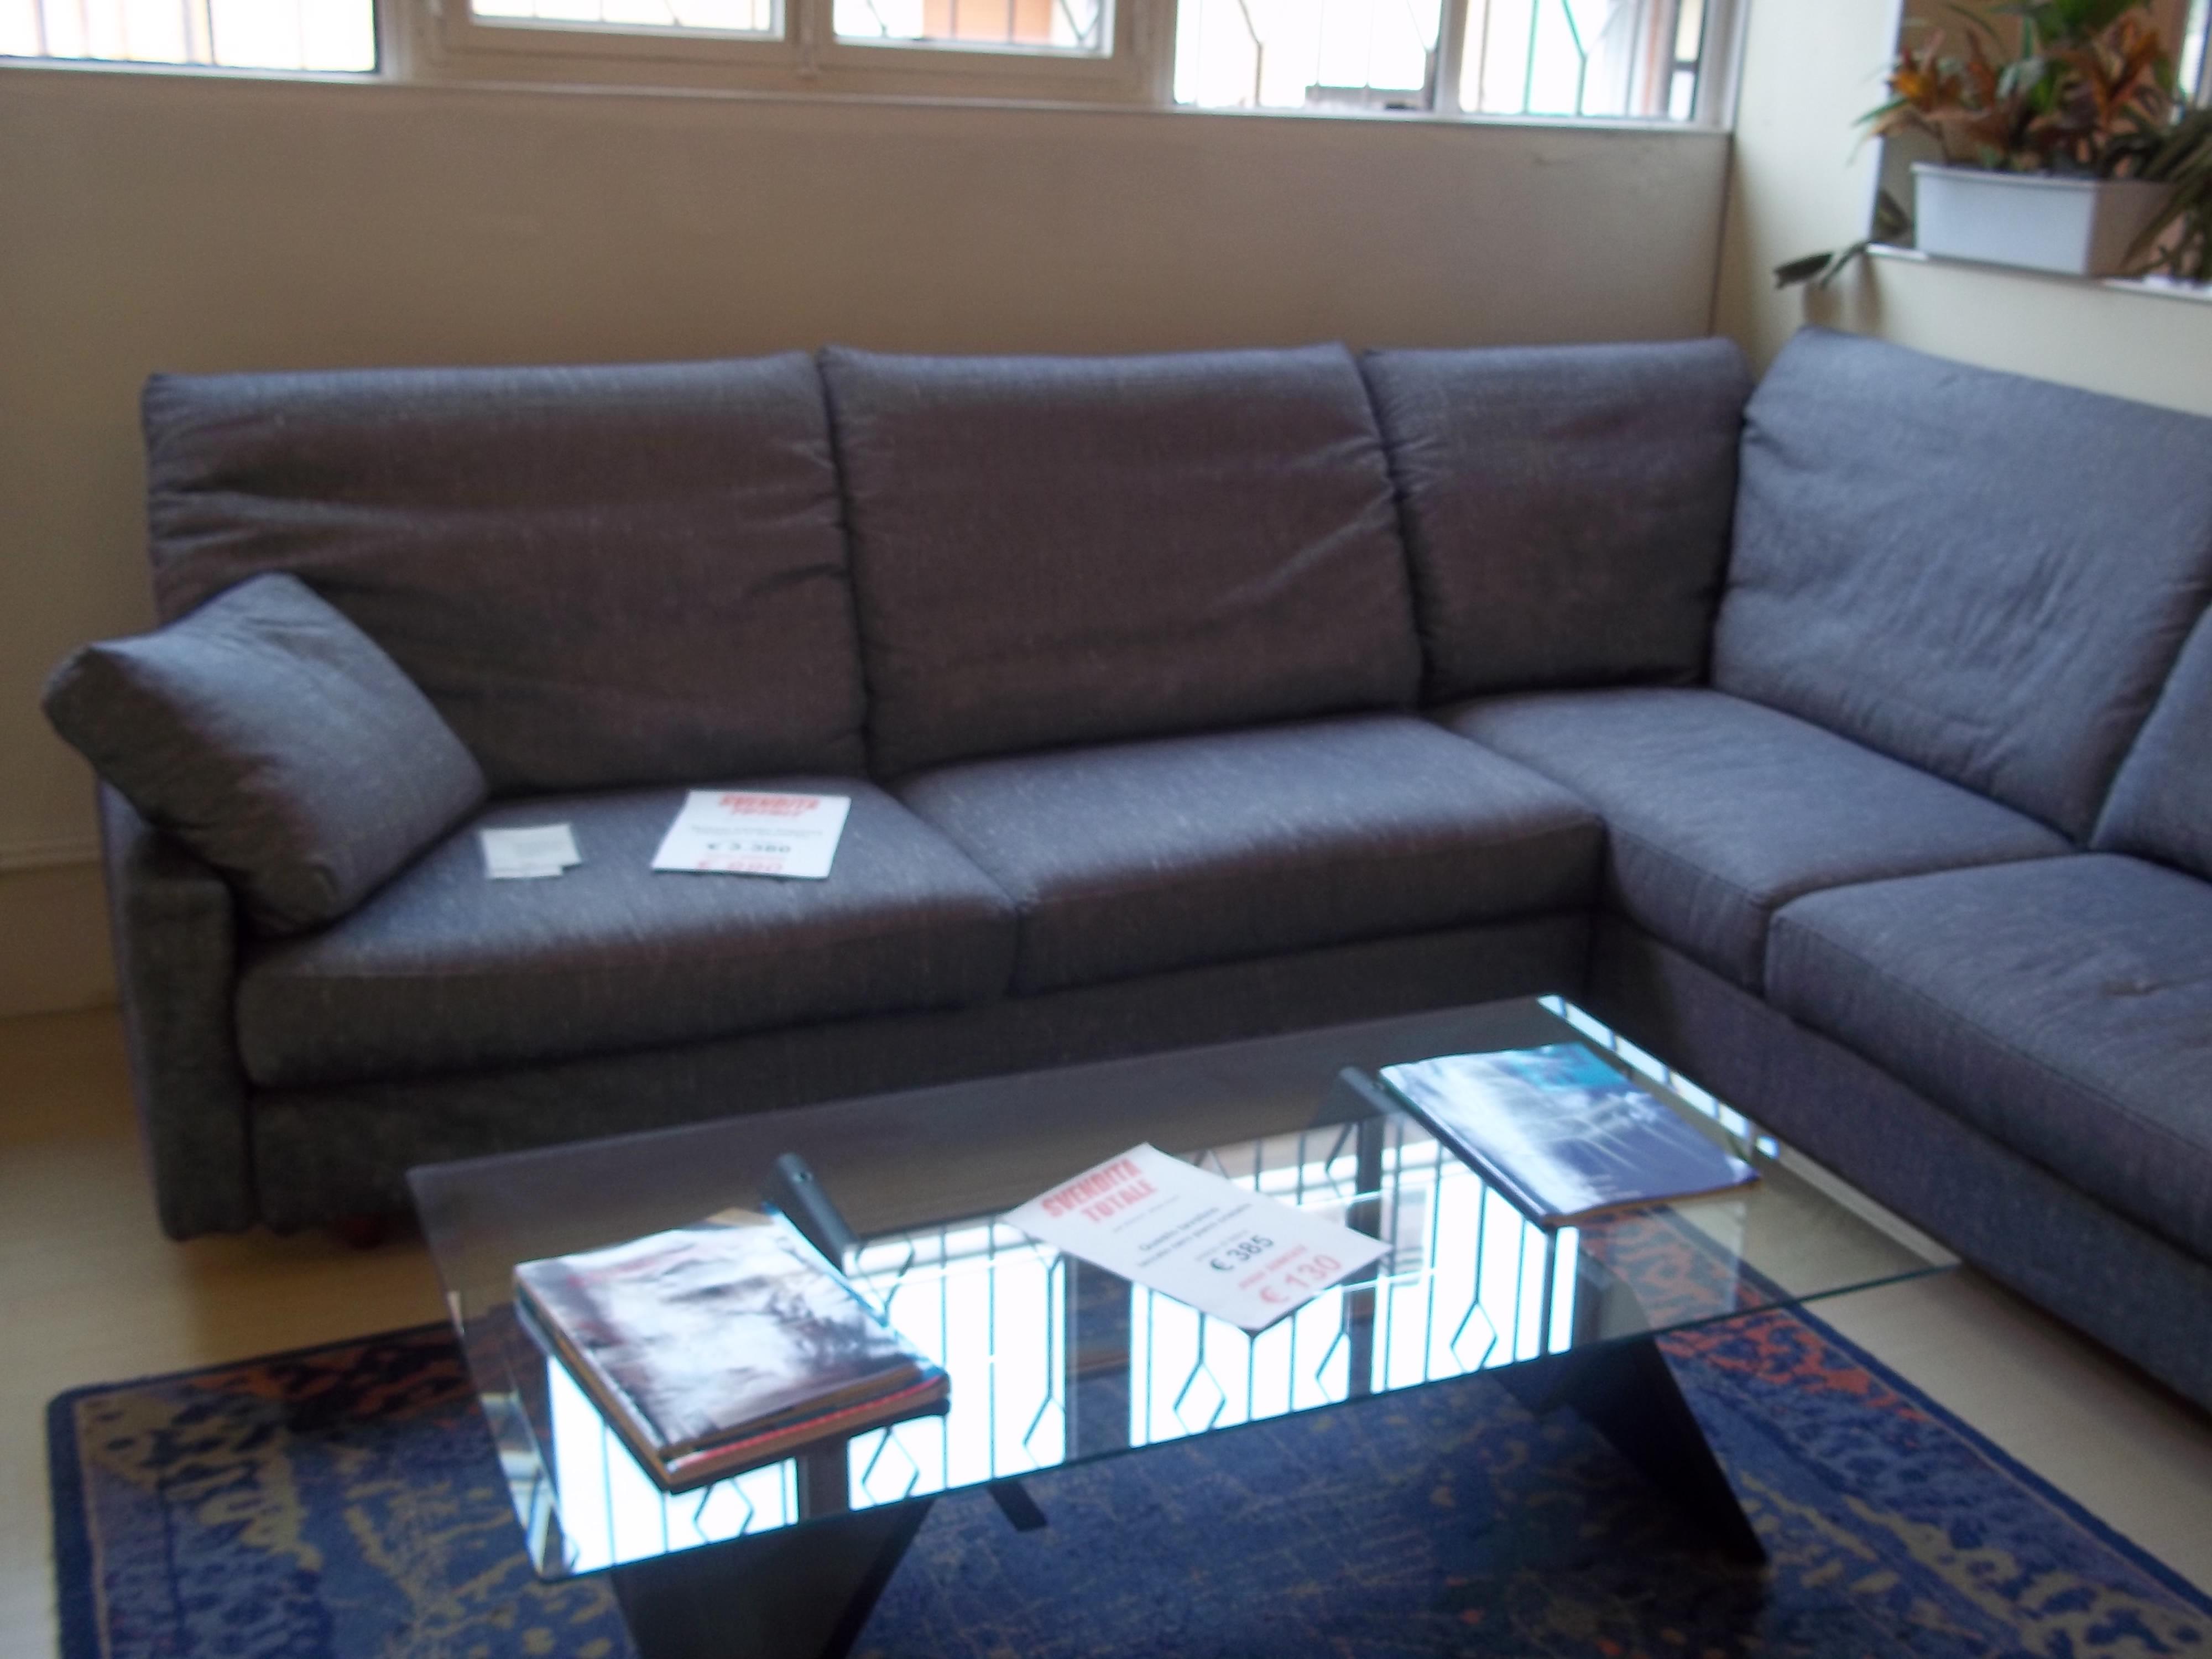 Divano angolo divani a prezzi scontati for Prezzi divani ad angolo